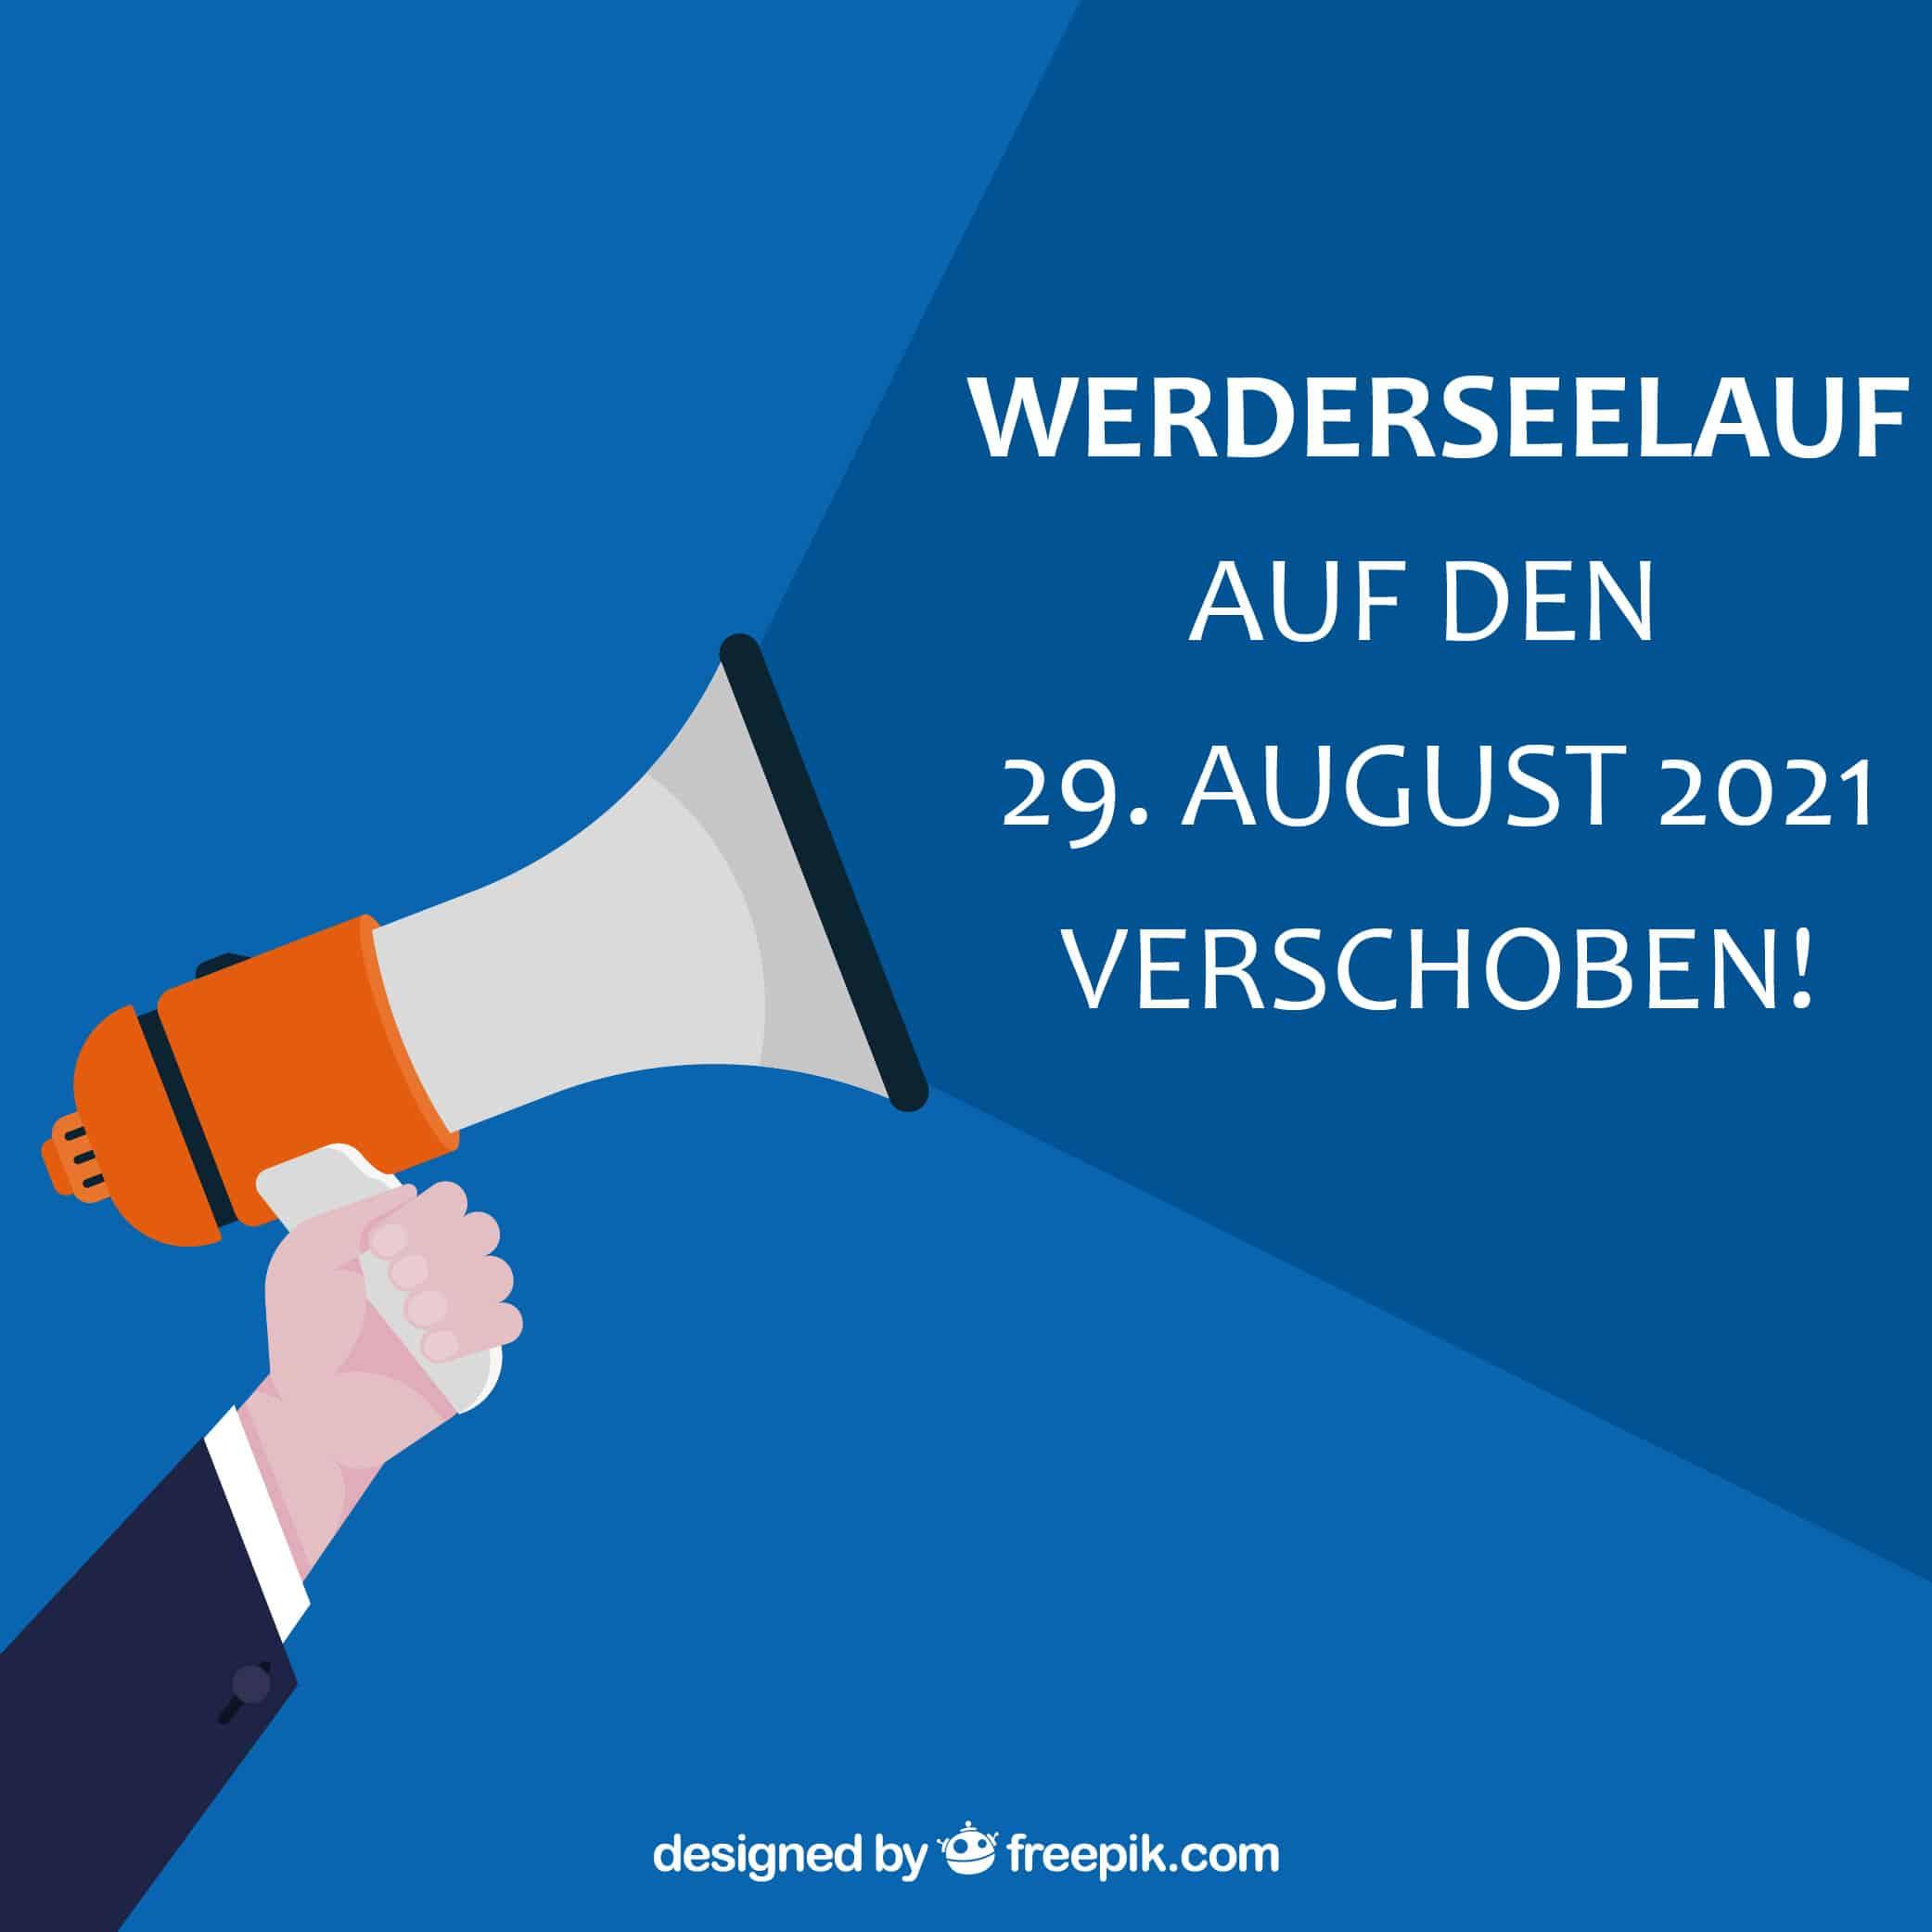 Werderseelauf auf den 29. August 2021 verschoben